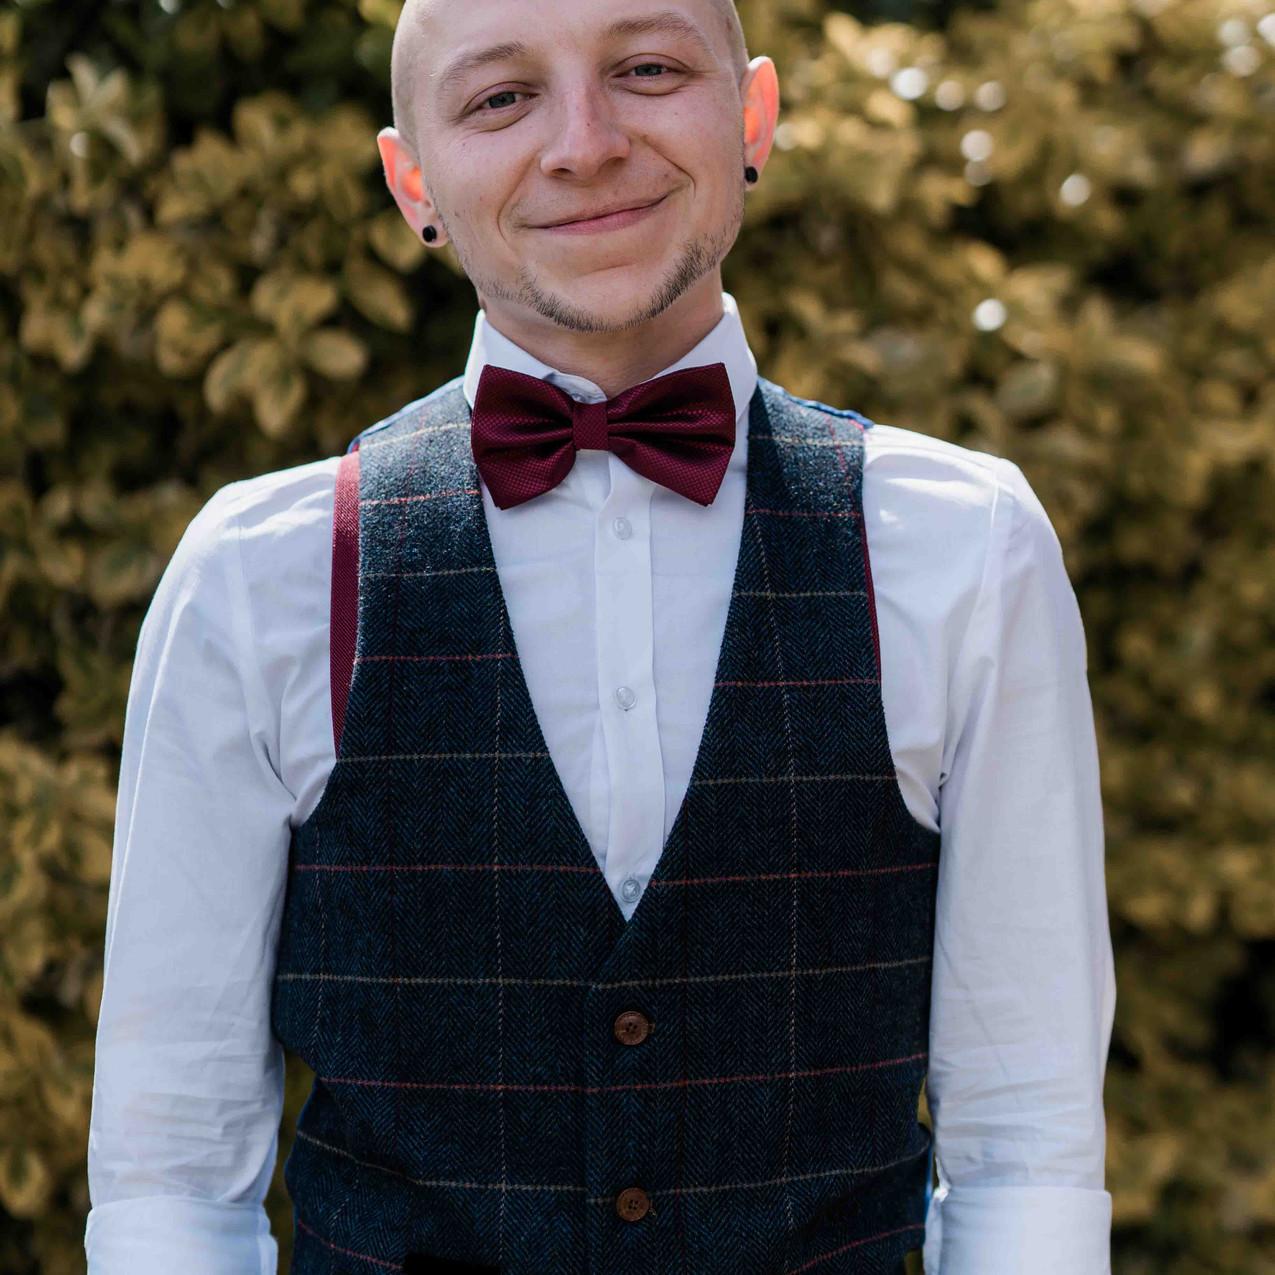 Jamie the groom preparing for weddin